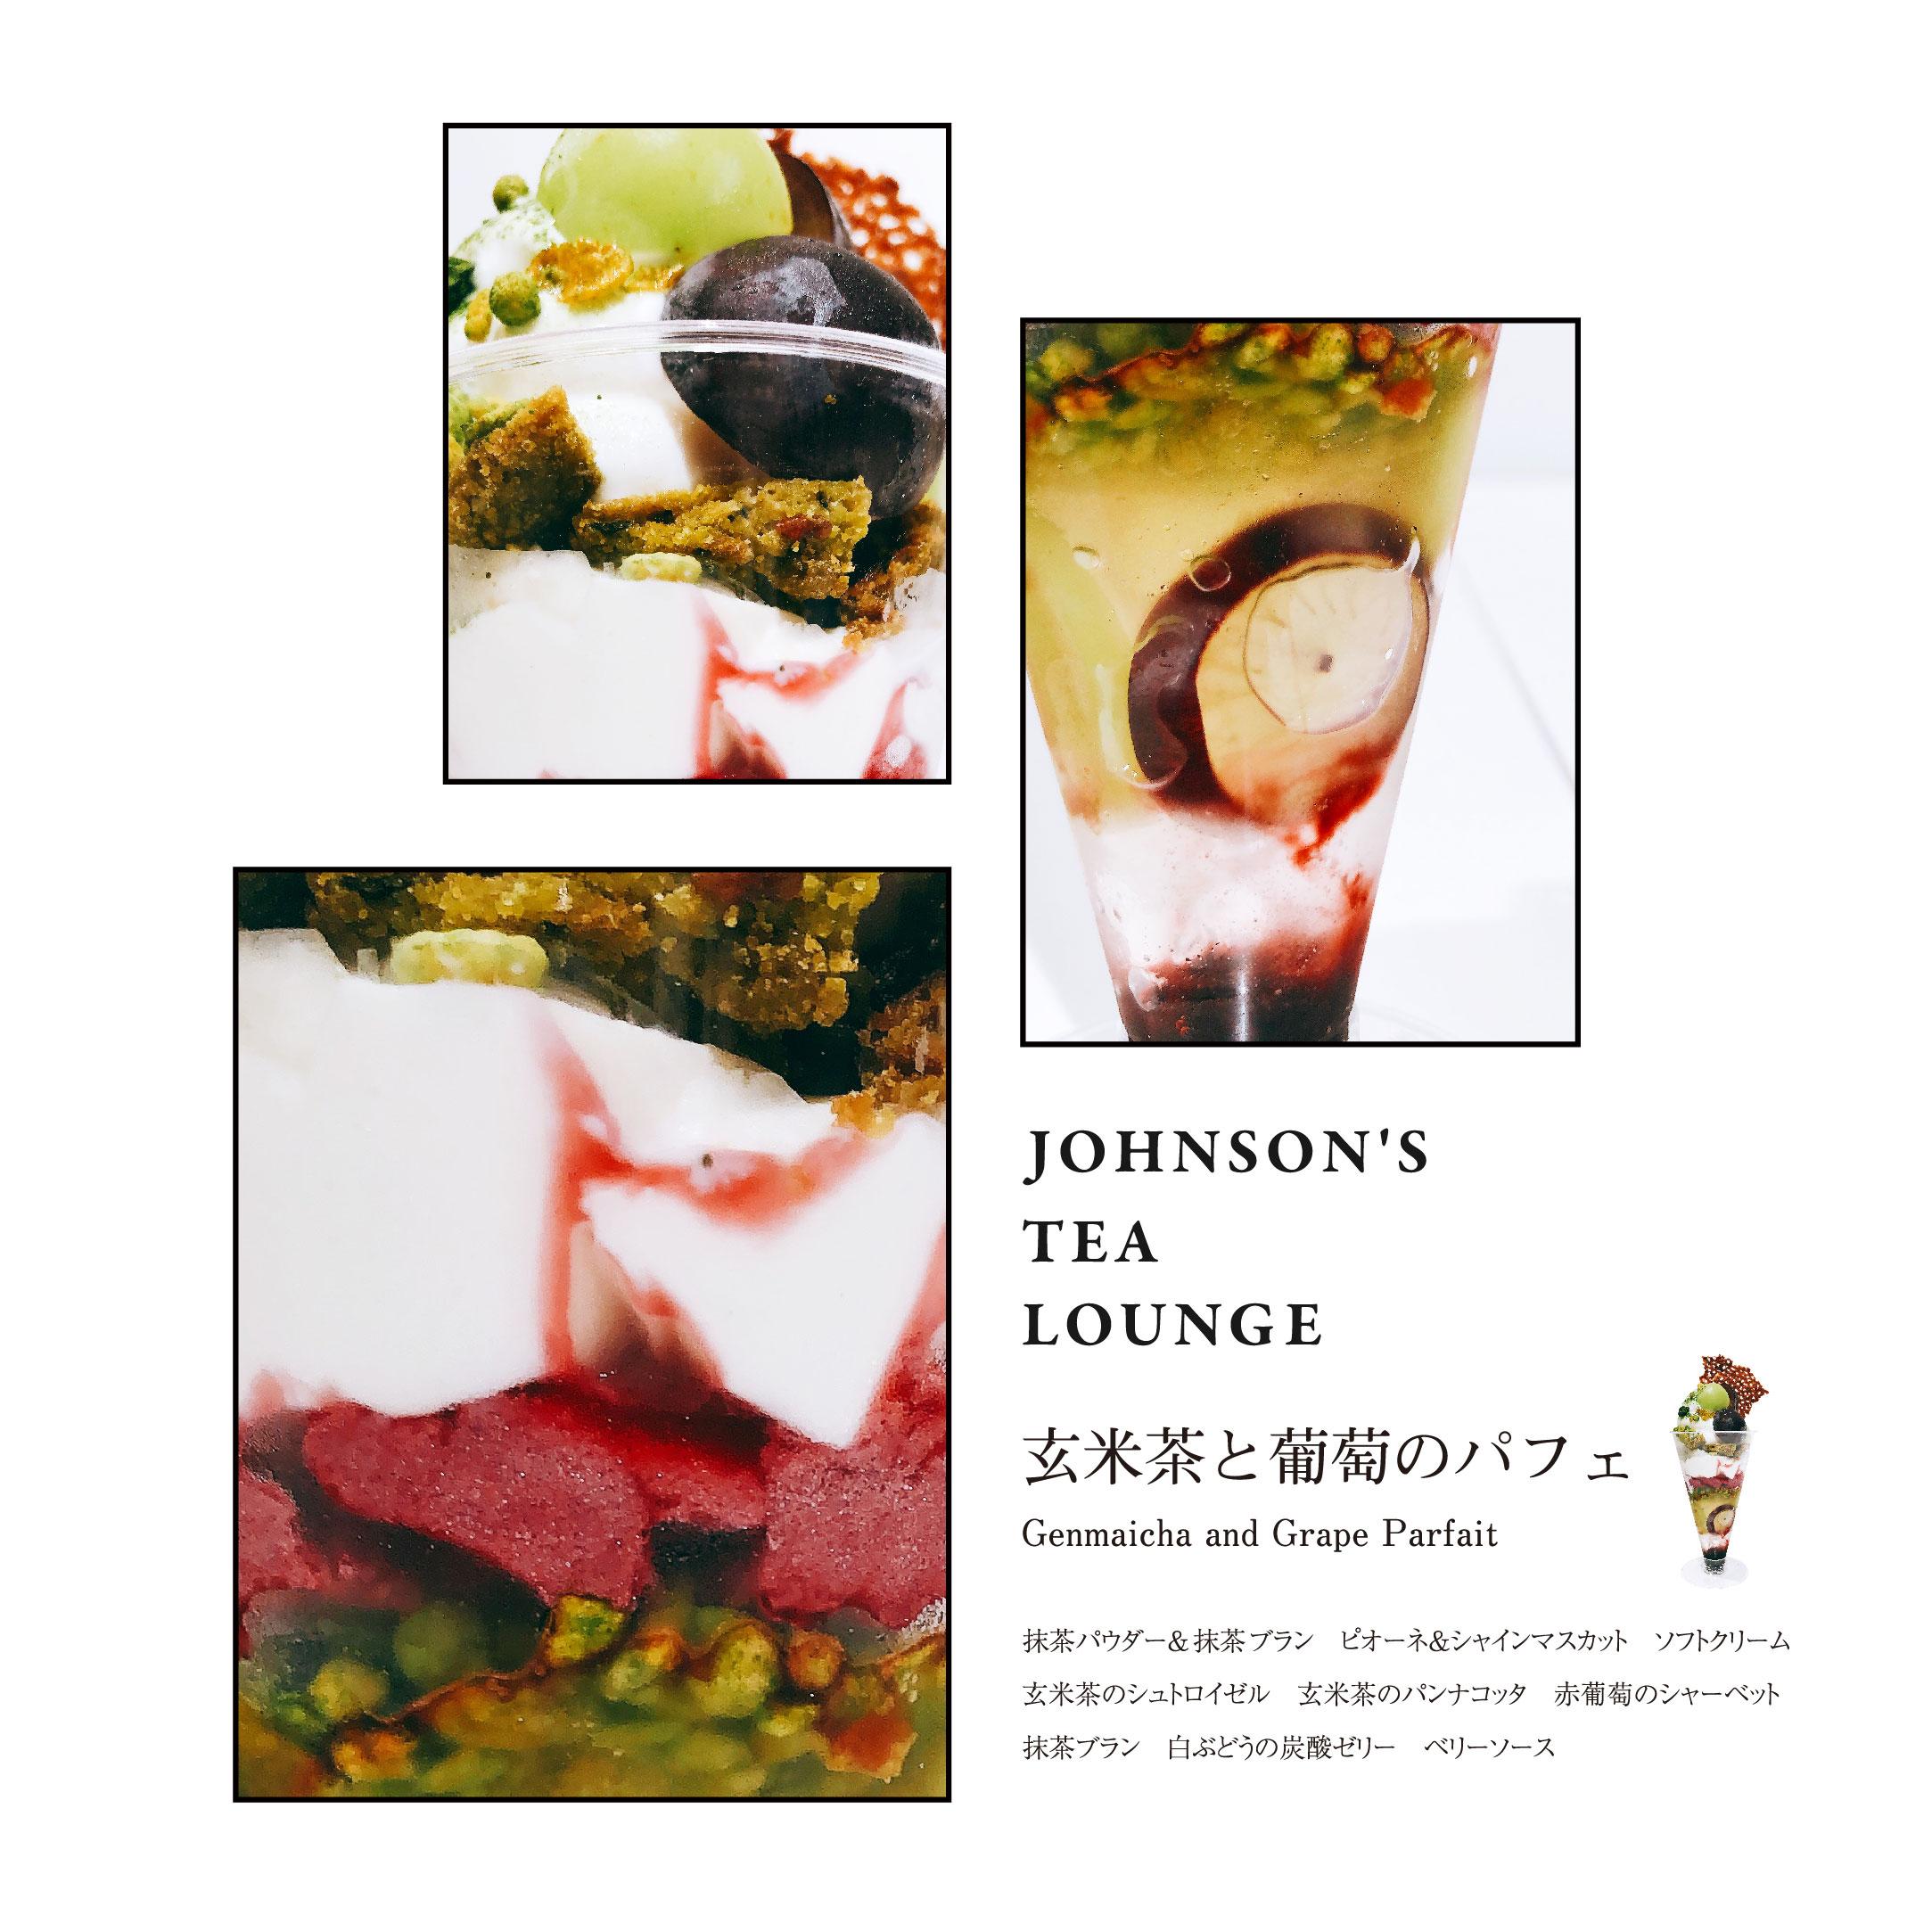 玄米茶と葡萄のパフェ(アップ)